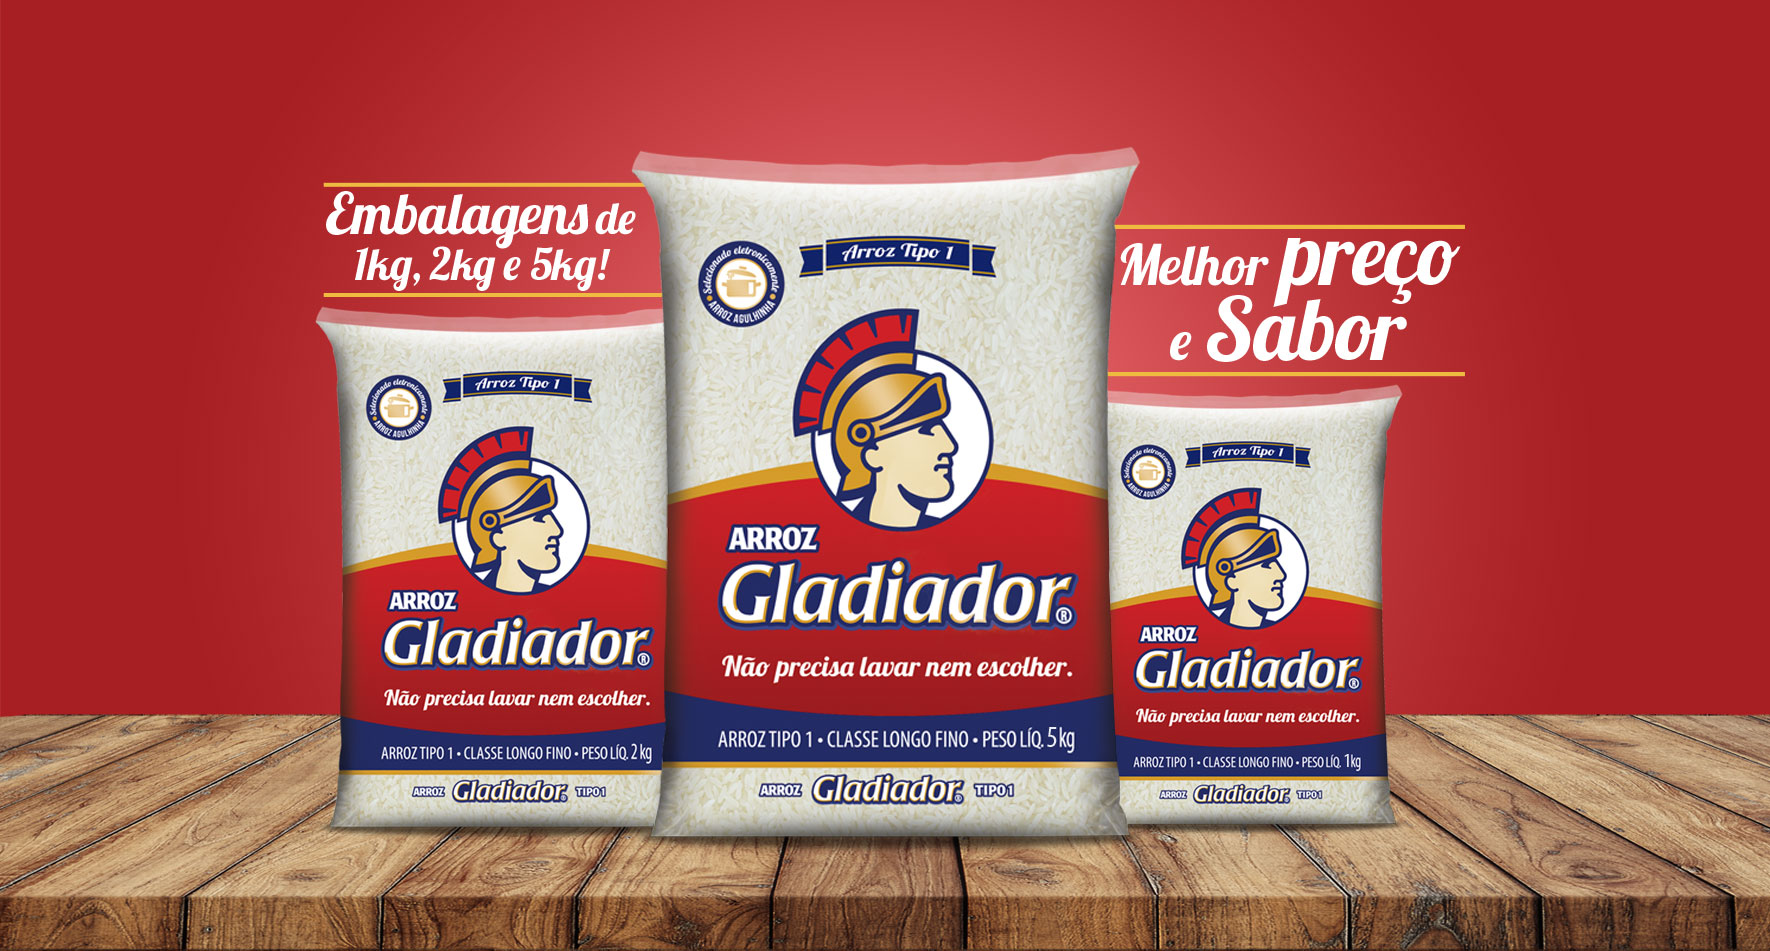 Arroz Gladiador: Melhor preço e sabor, disponível em embalagens de 1kg, 2kg e 5kg!